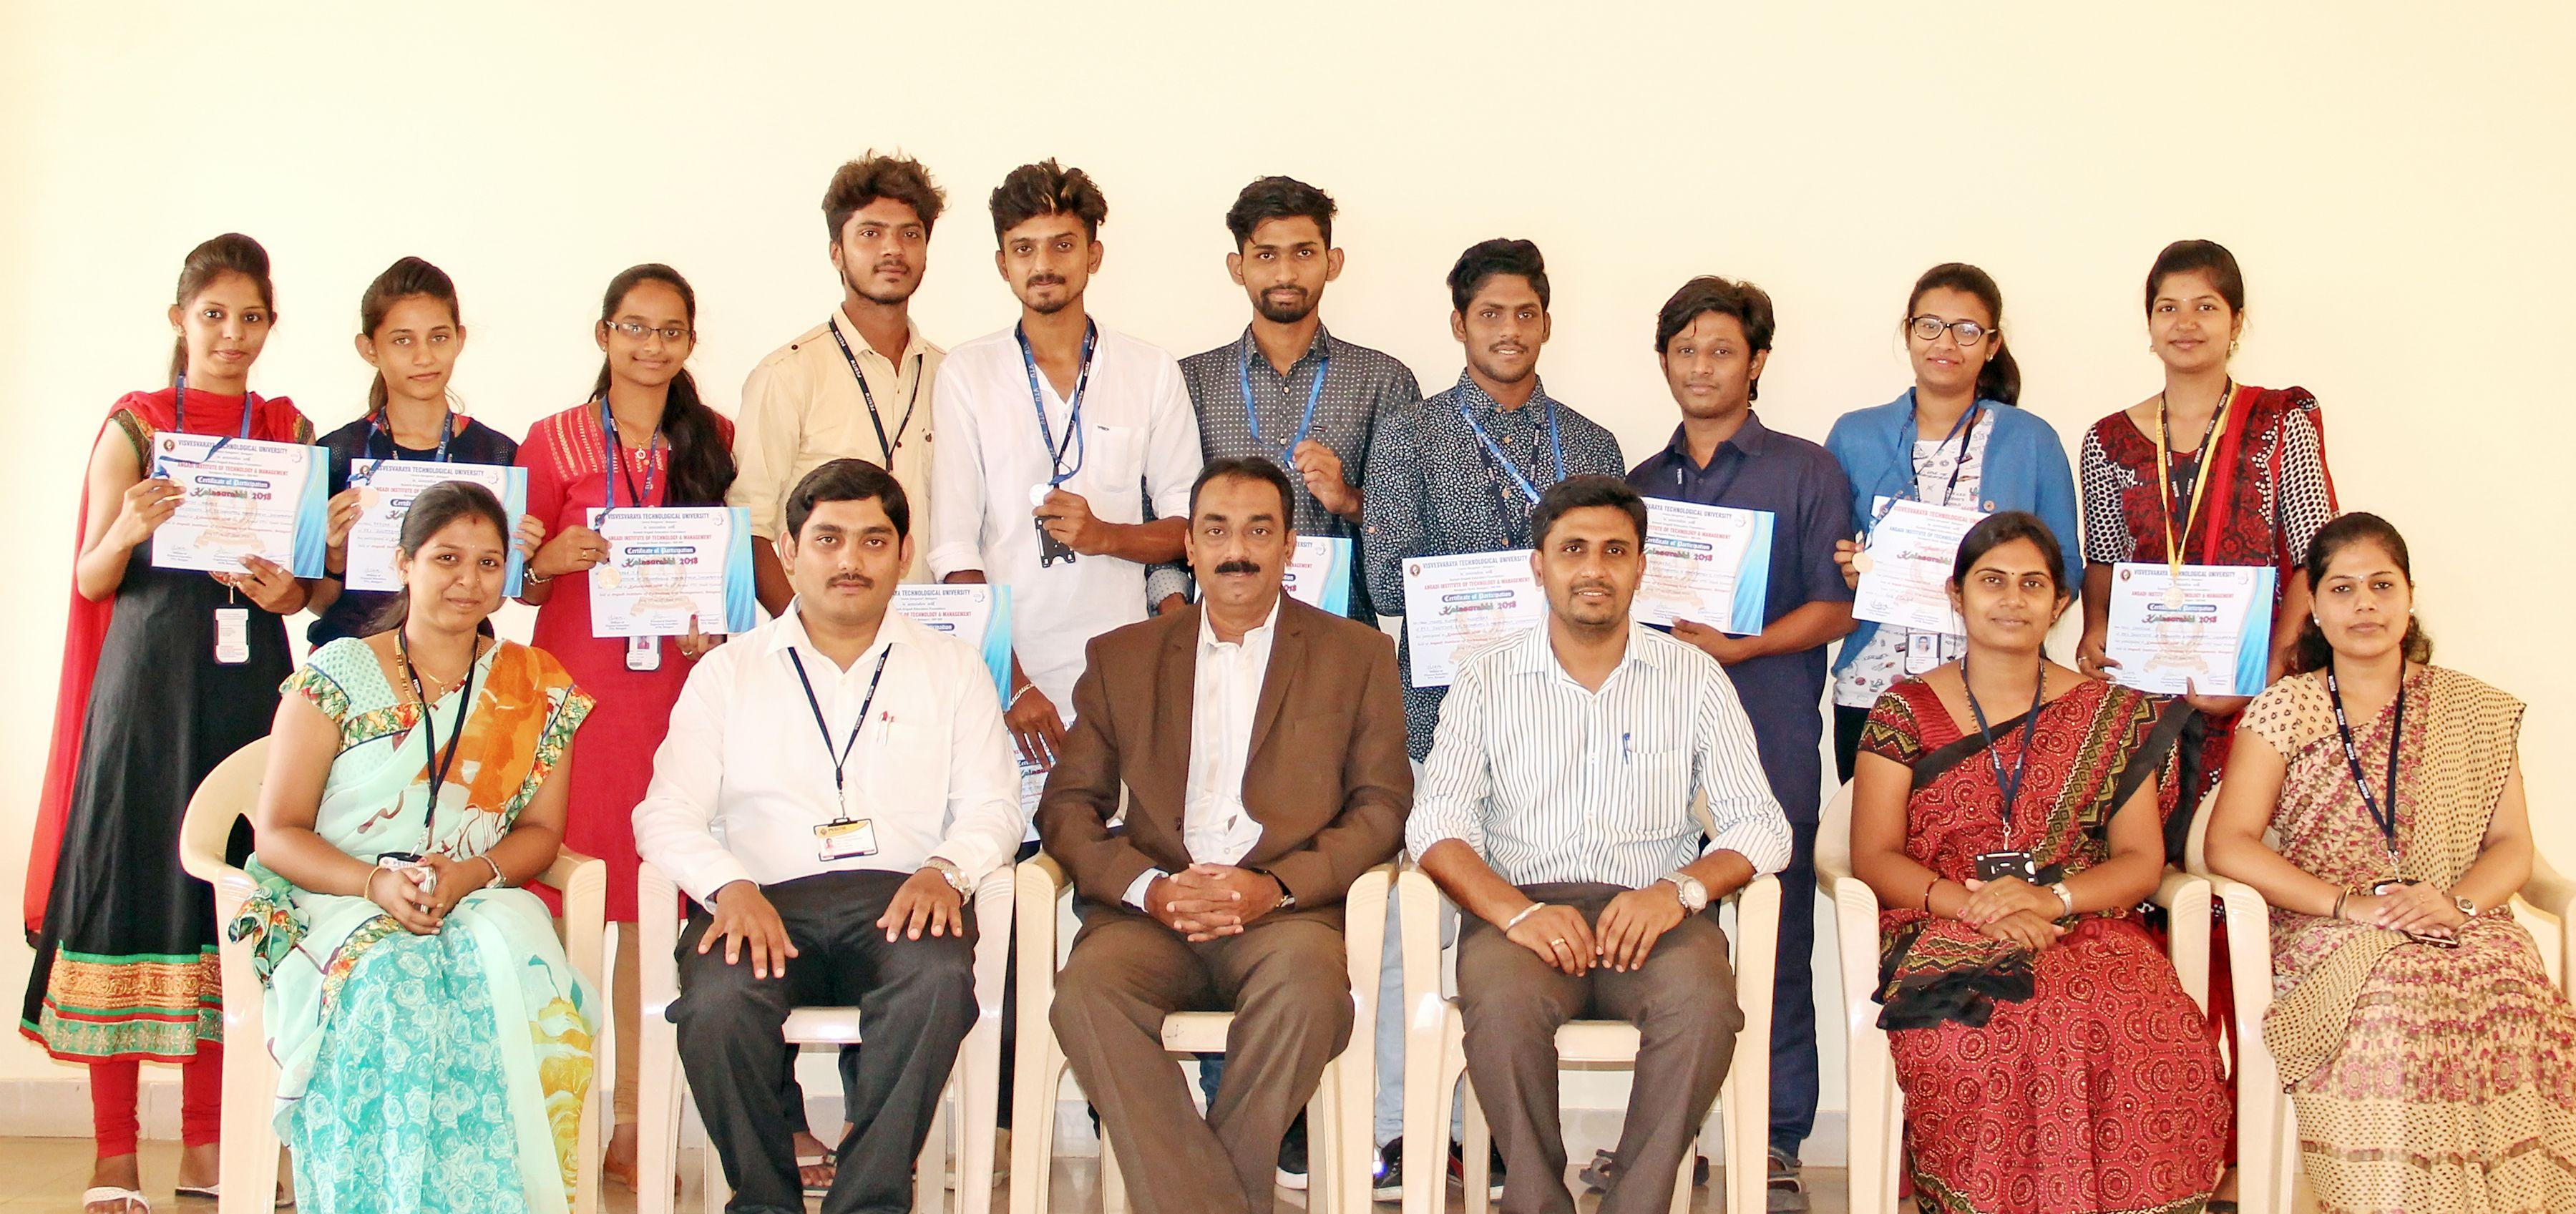 Second Place in VTU State Level Intercollegiate Cultural Events